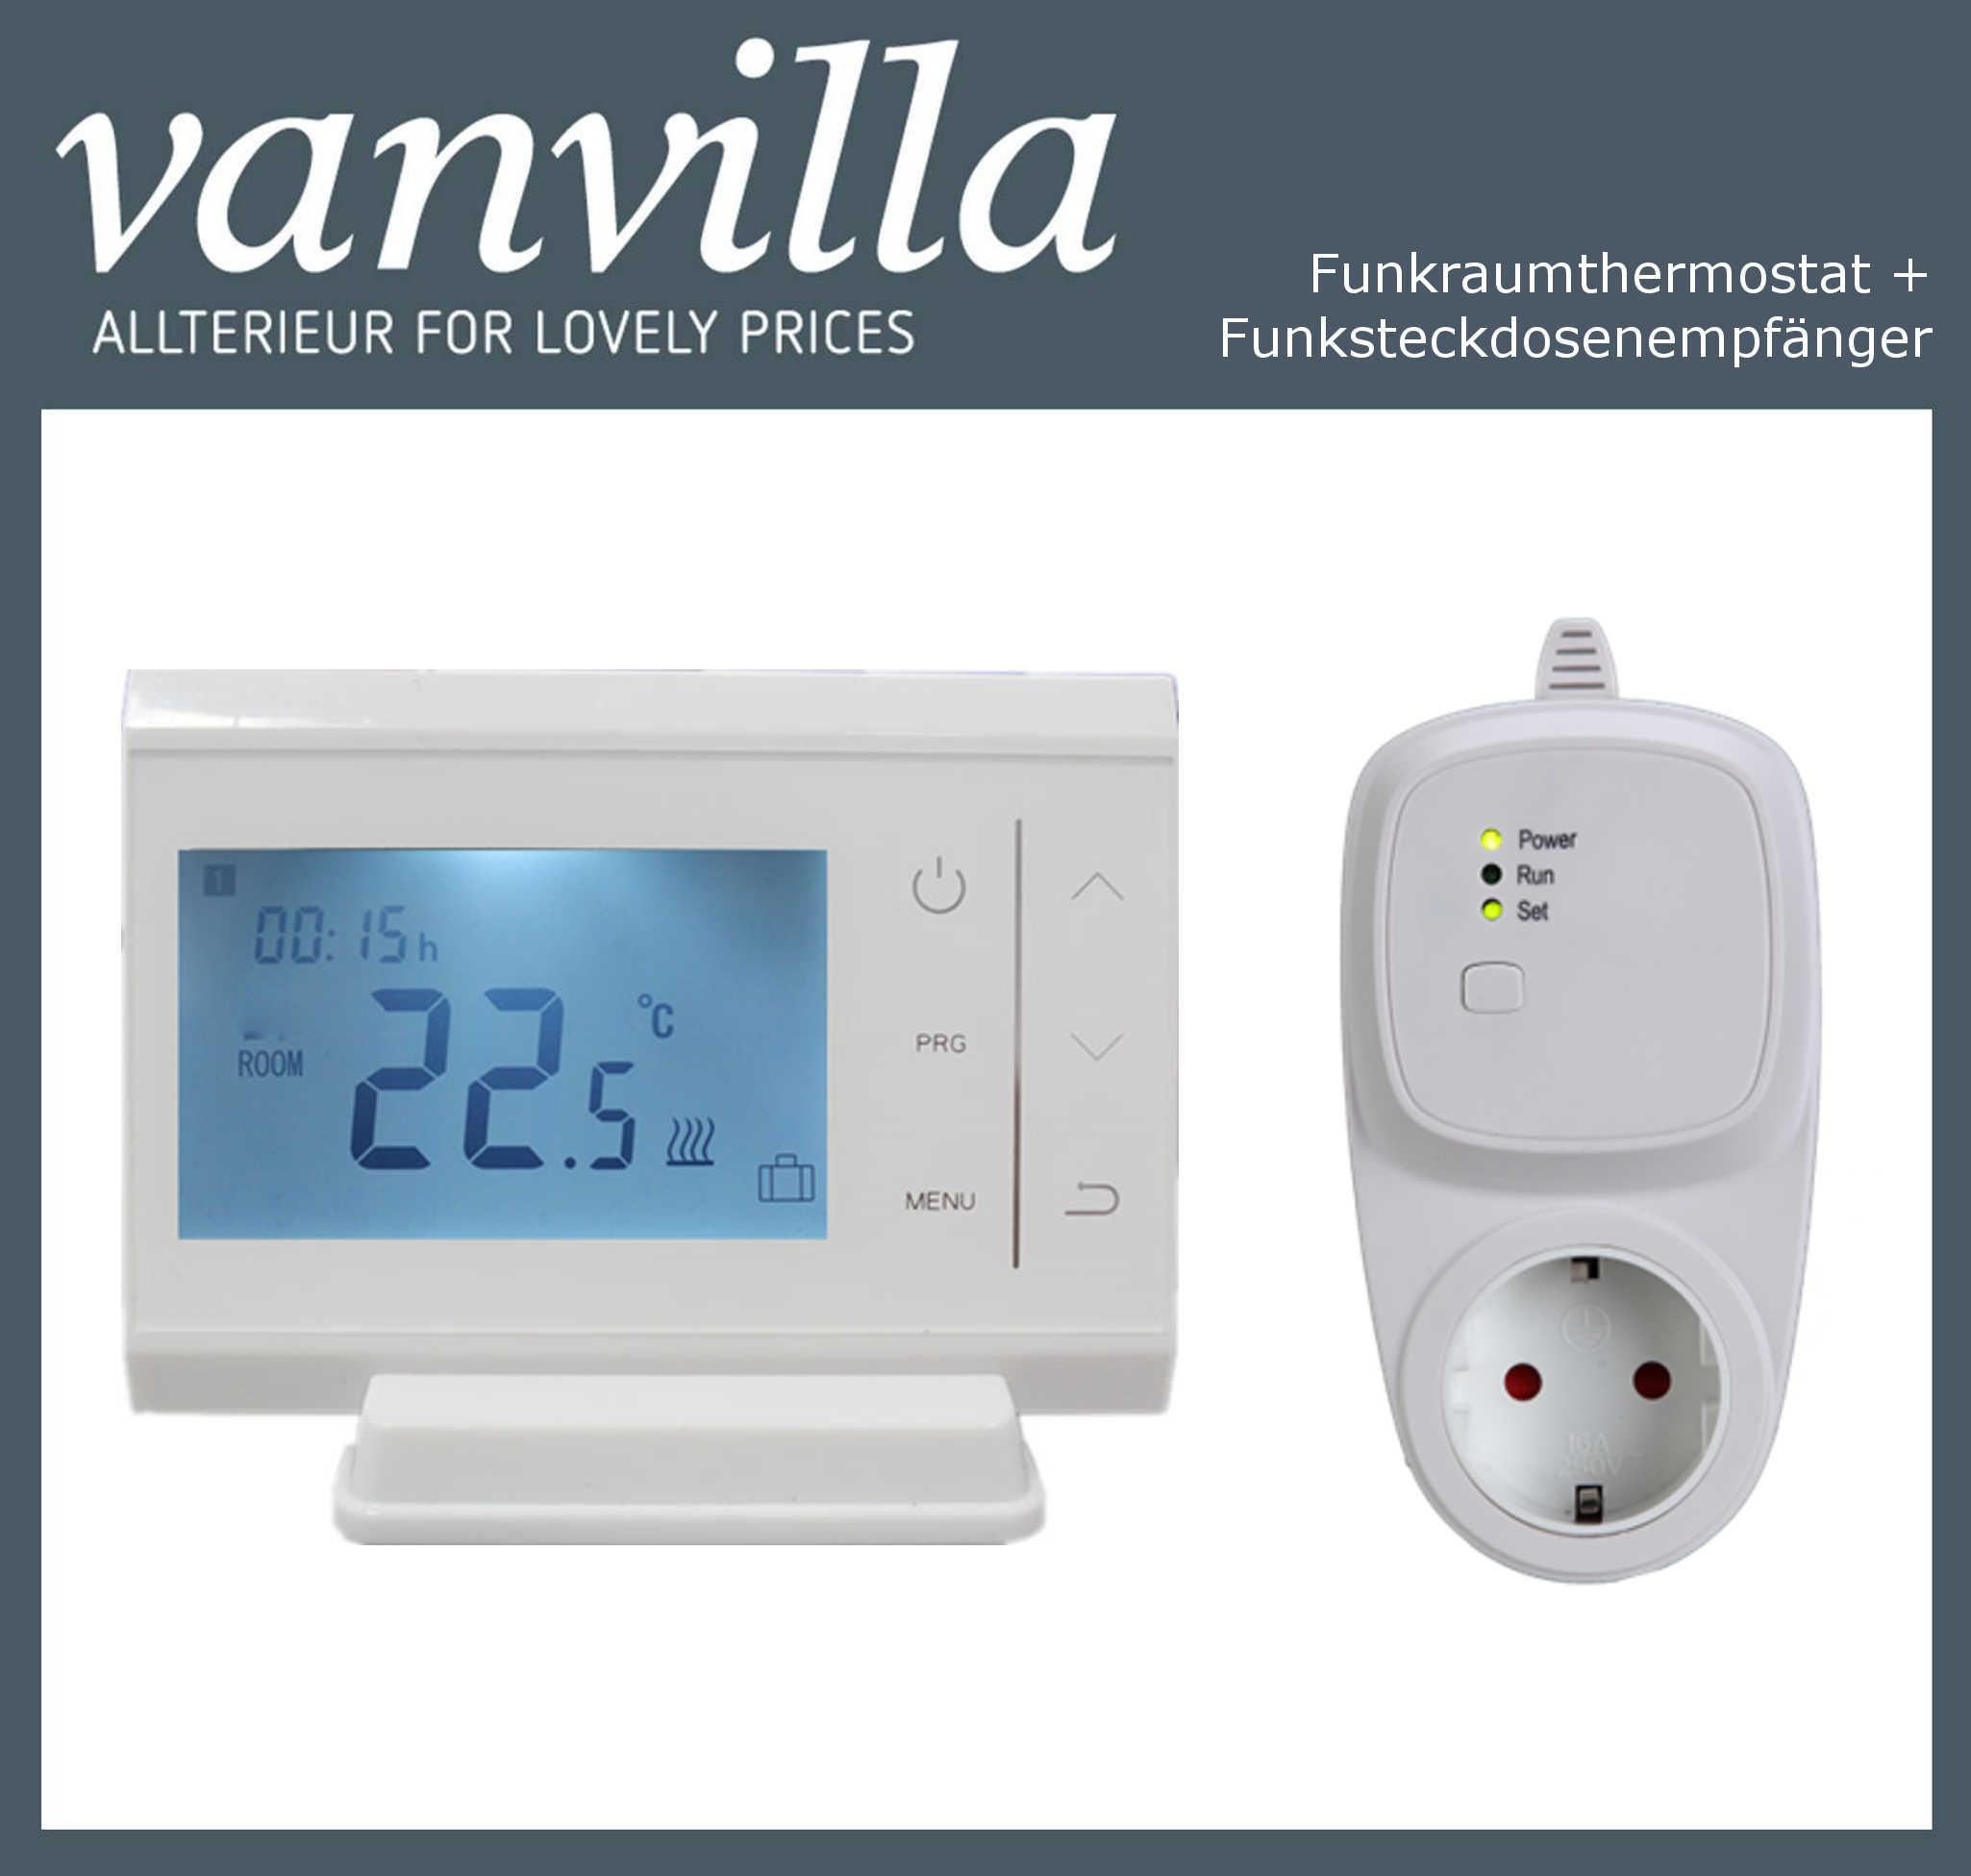 vanvilla Funkthermostat programmierbar für Infrarotpaneel mit Funksteckdose